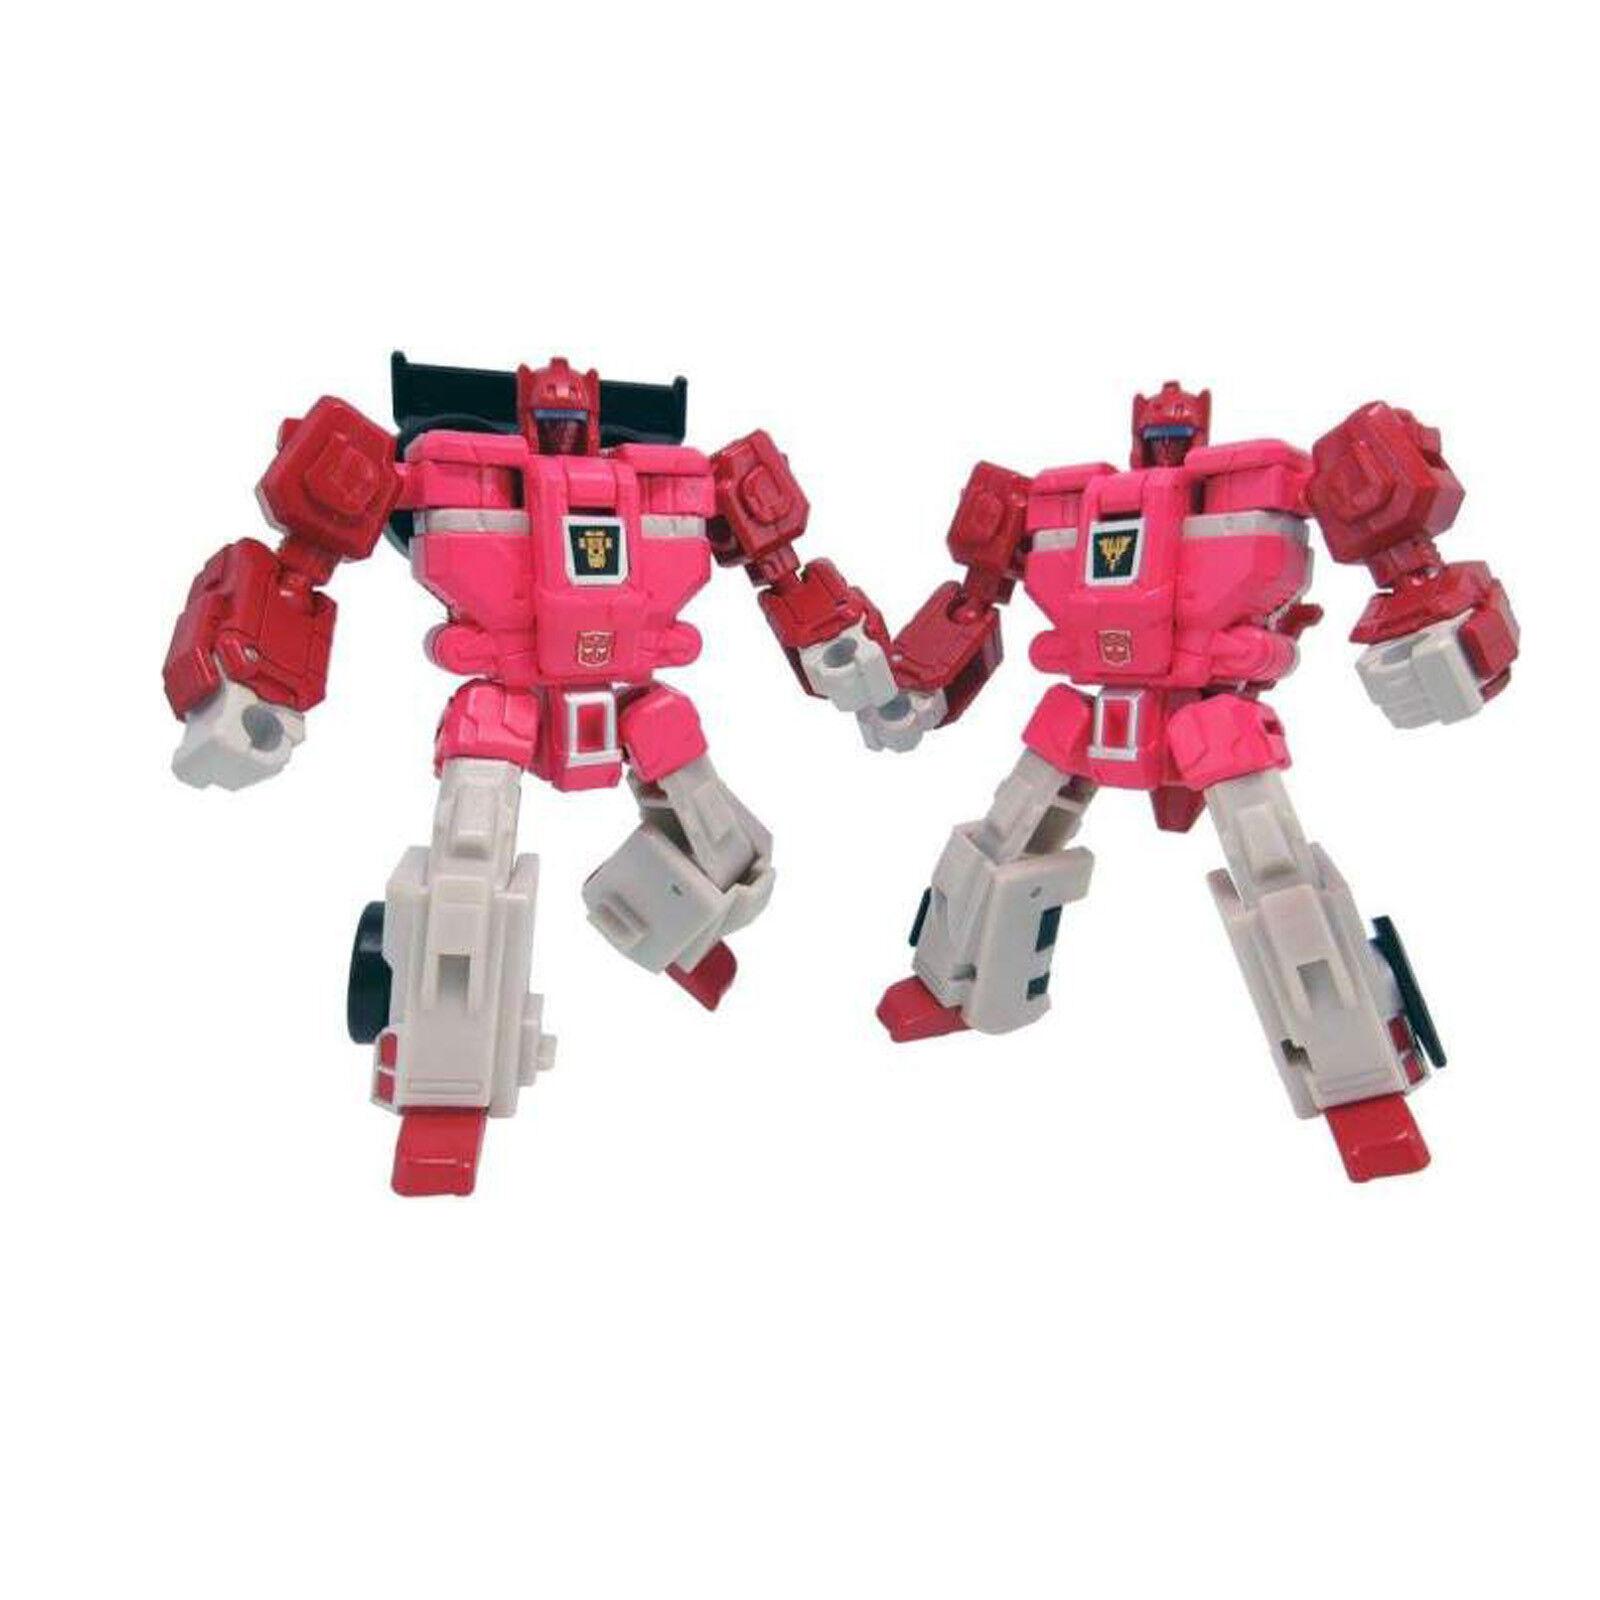 Transformers Legends LG58 Autobot Clones Bots Fastlane Cloudraker Geschenken Geschenken Geschenken NEU 30241a